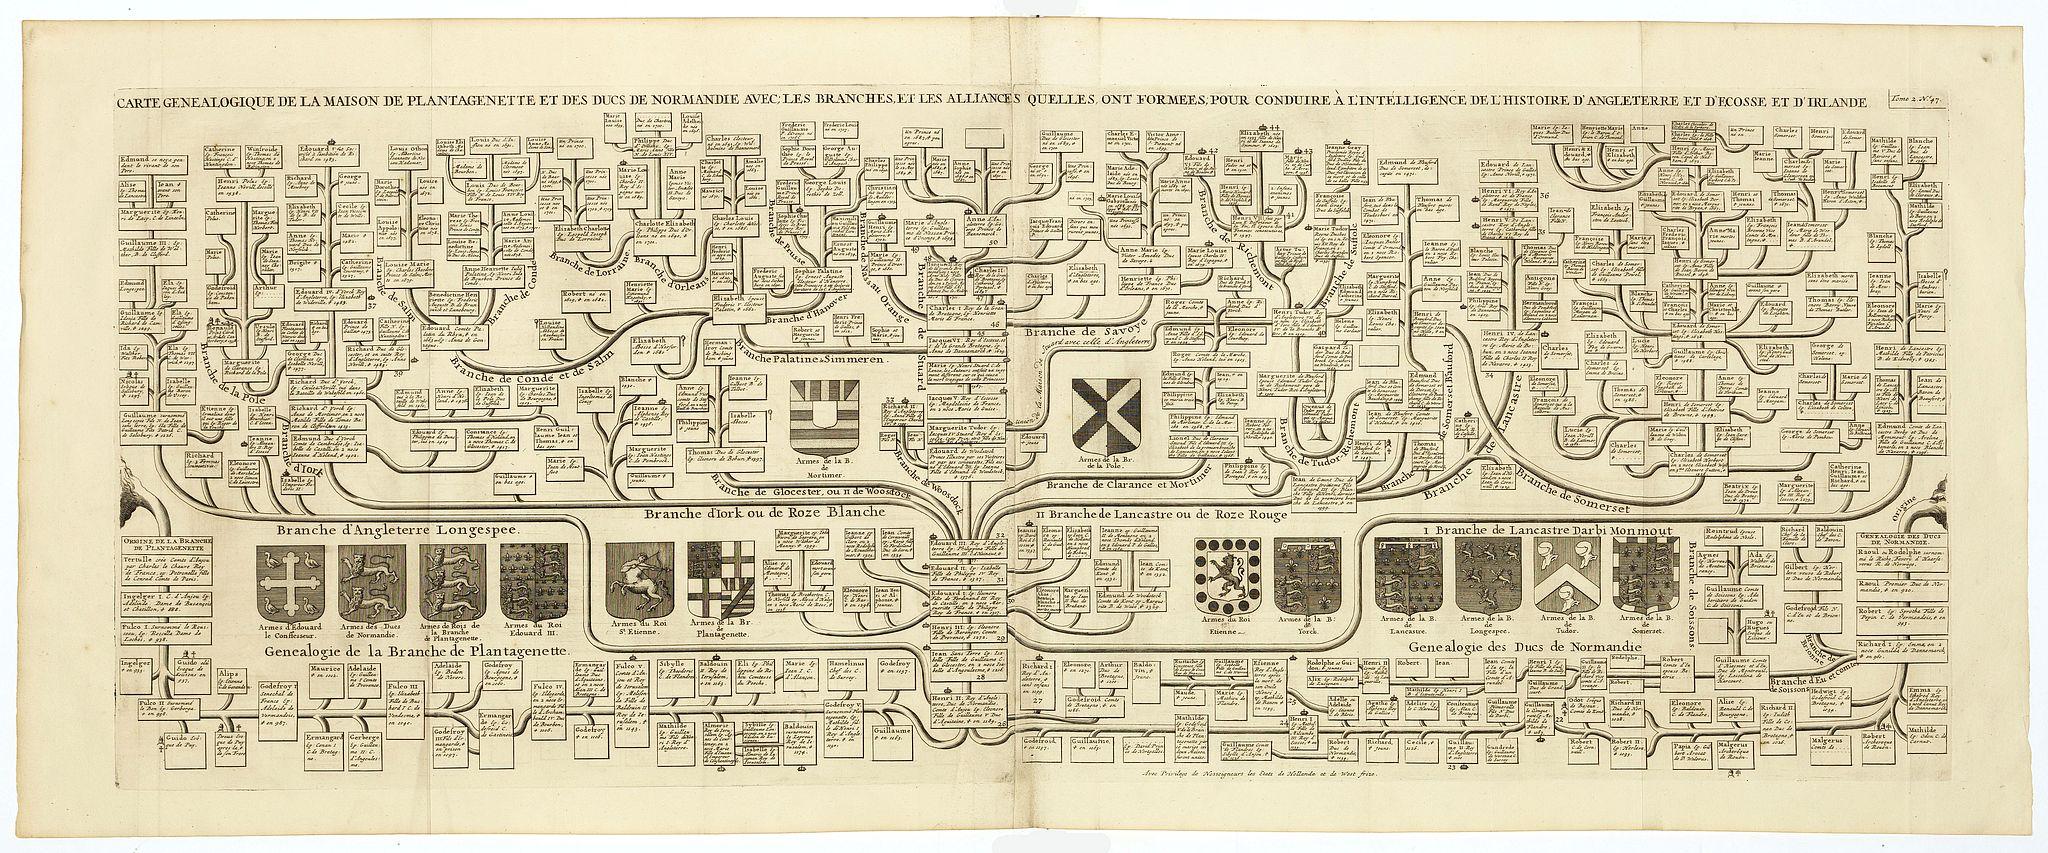 CHATELAIN, H. -  Carte généalogique de la maison de Plantagenette et des ducs Normandie . . .